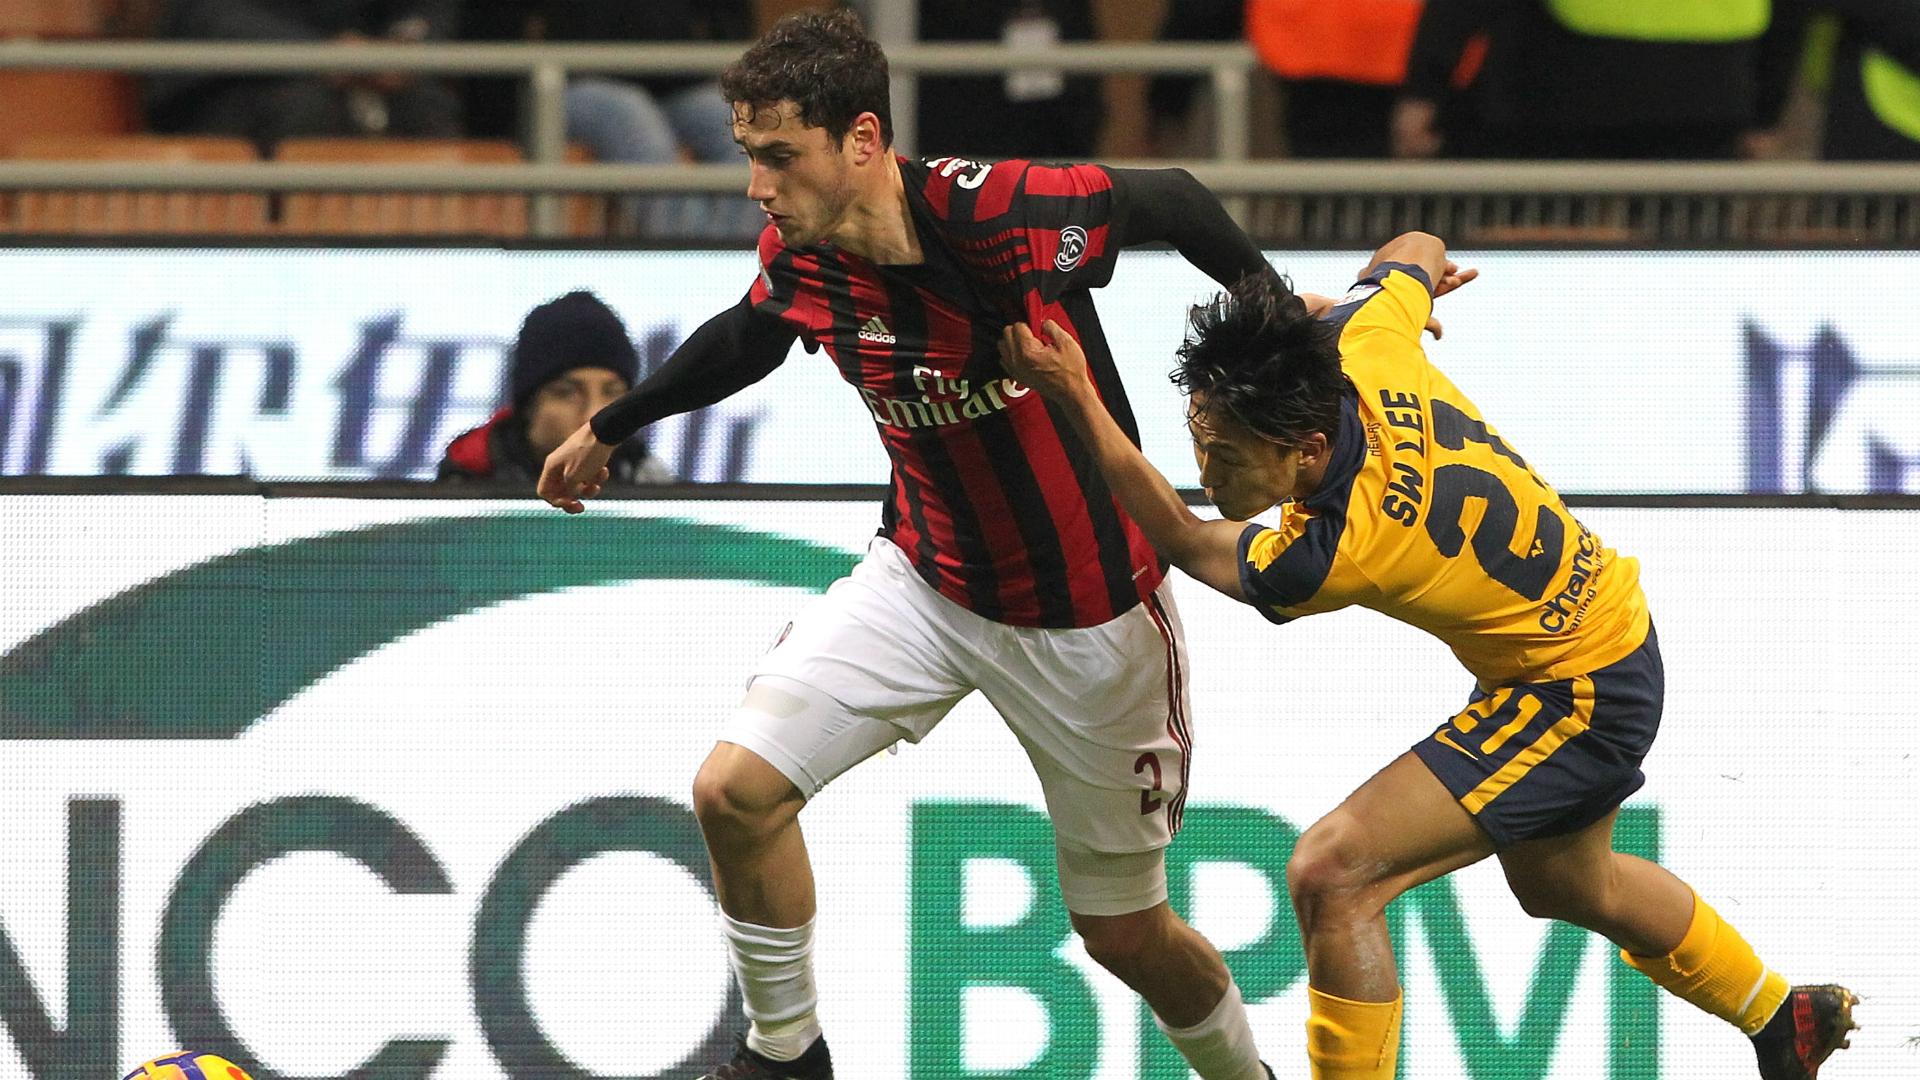 Ufficiale: Milan, Calabria rinnova fino al 2022